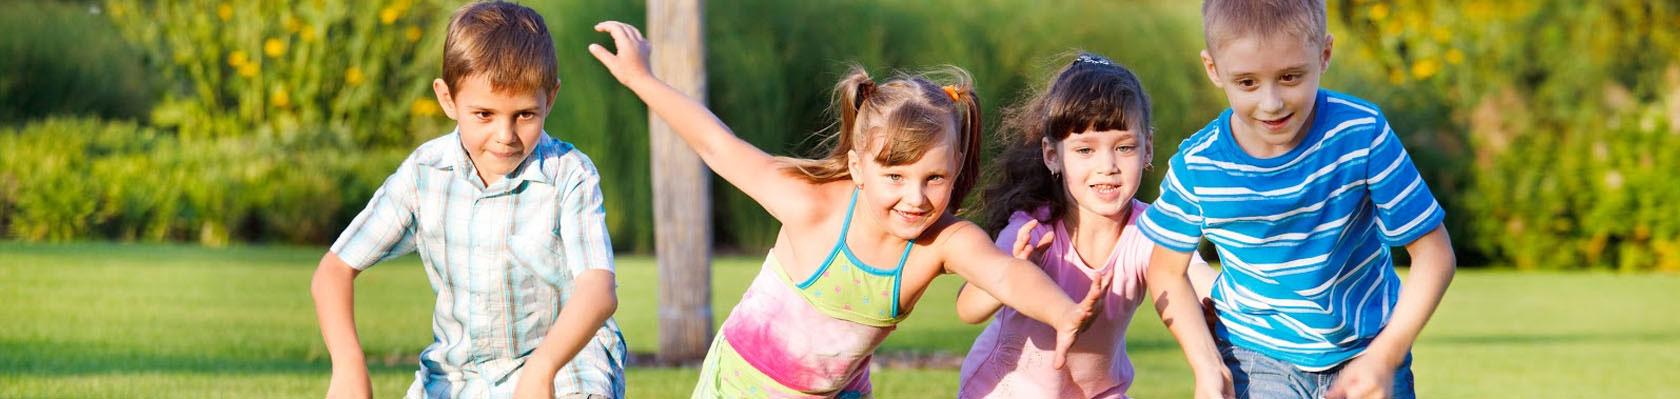 biegnące dzieci przez park